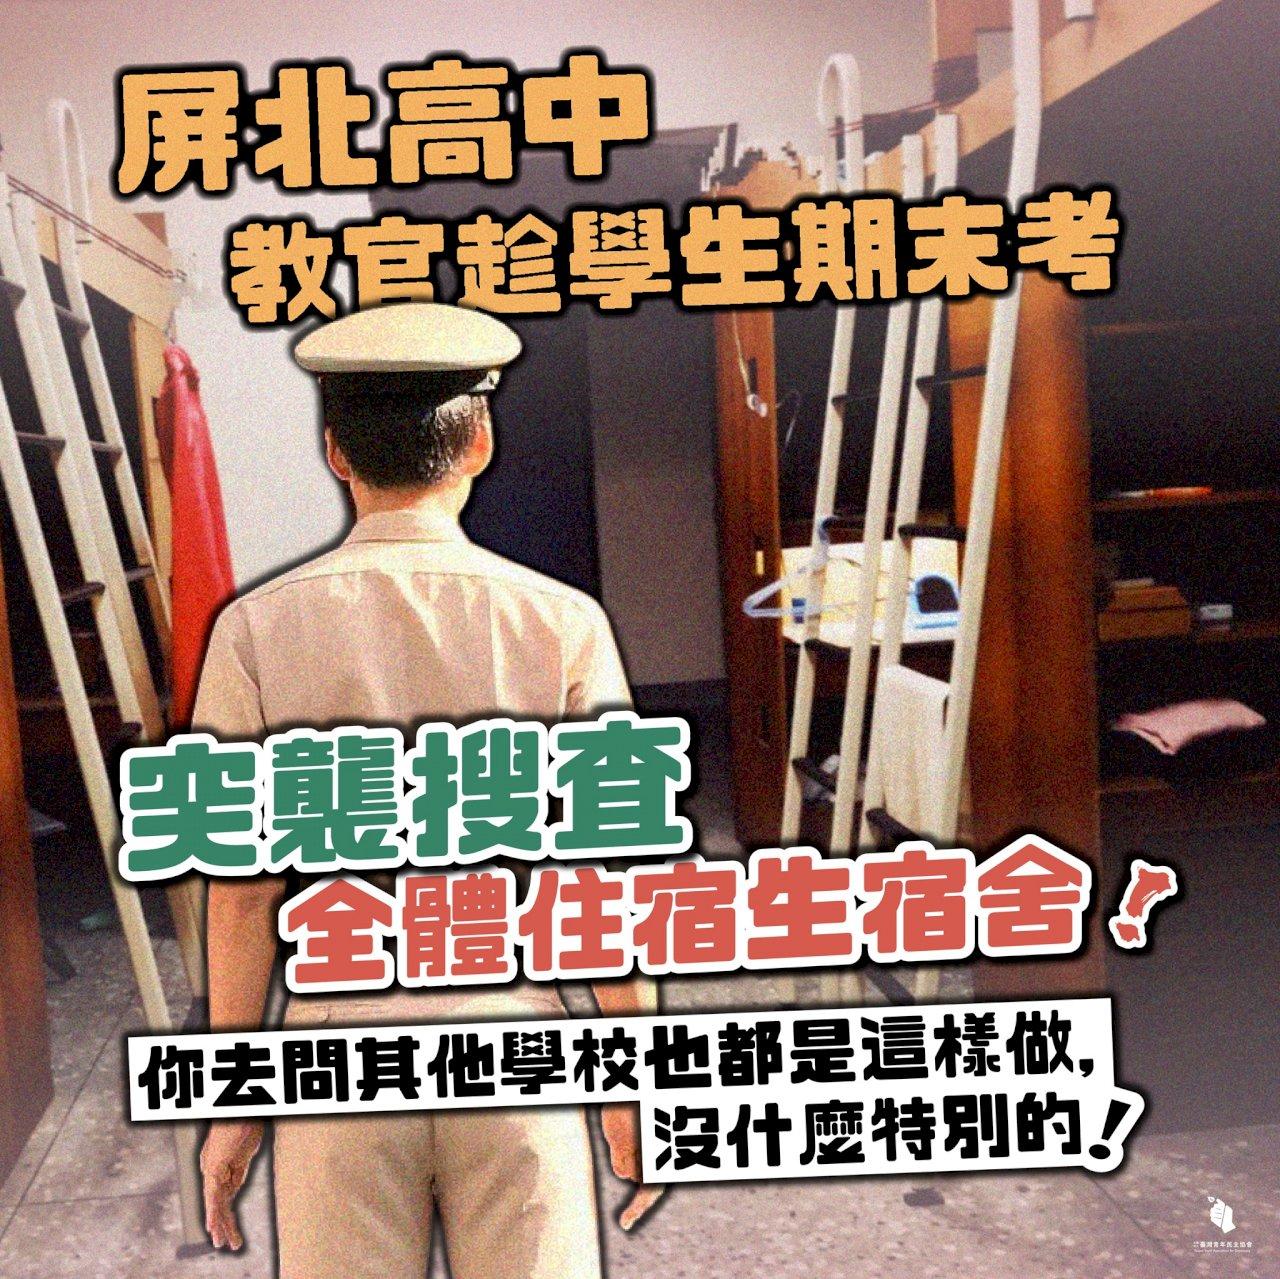 屏北高中突襲檢查學生宿舍 青年團體批侵害隱私